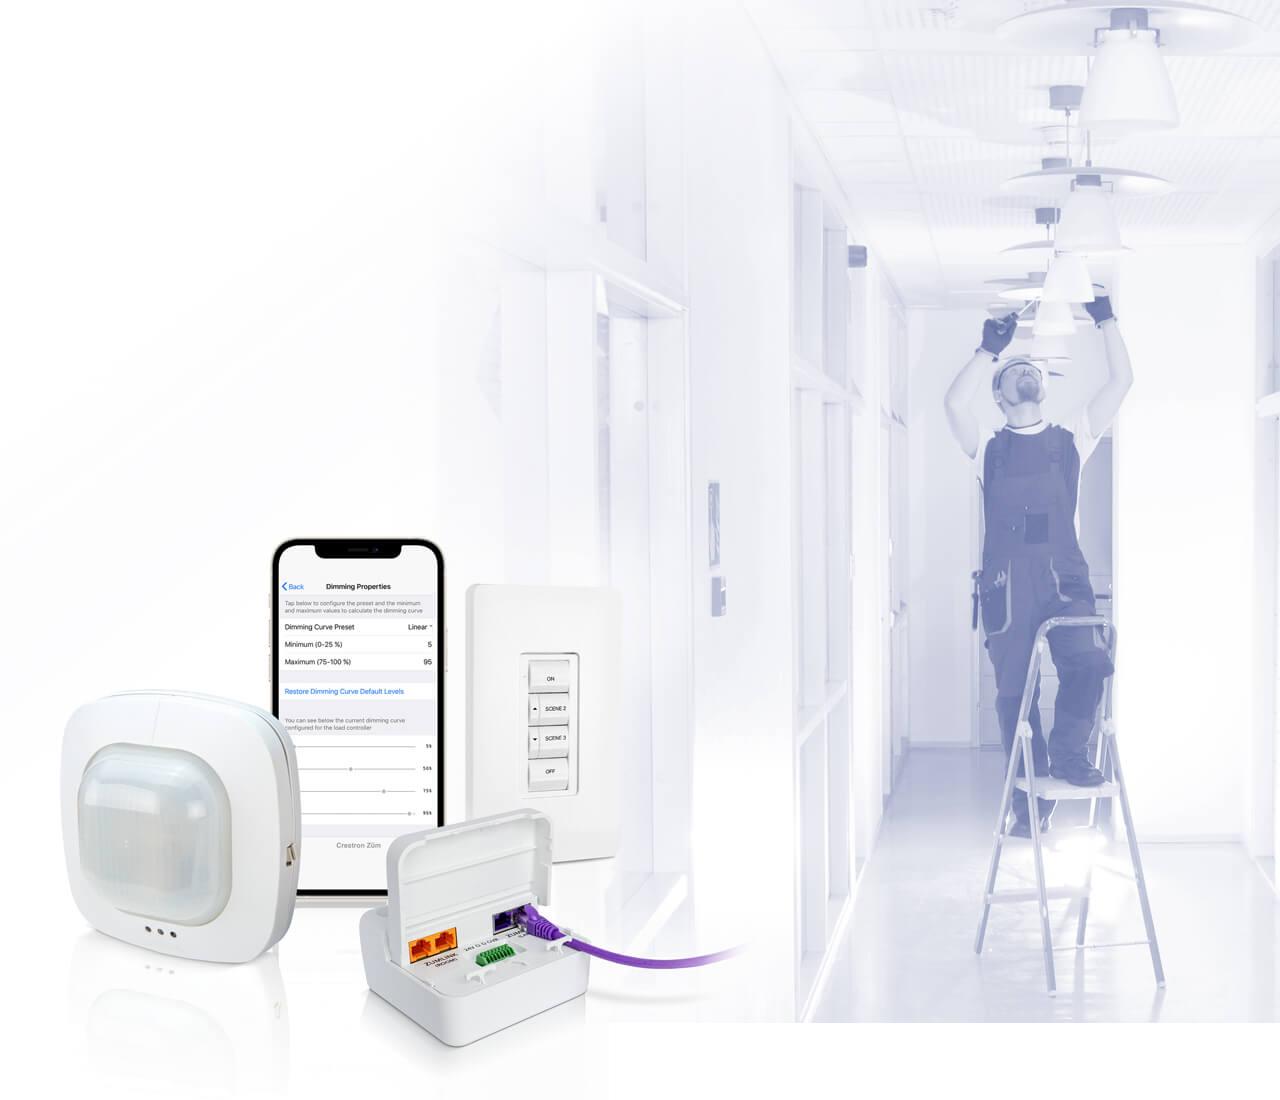 Man installing Wired Zum lighting with wired zum accessories